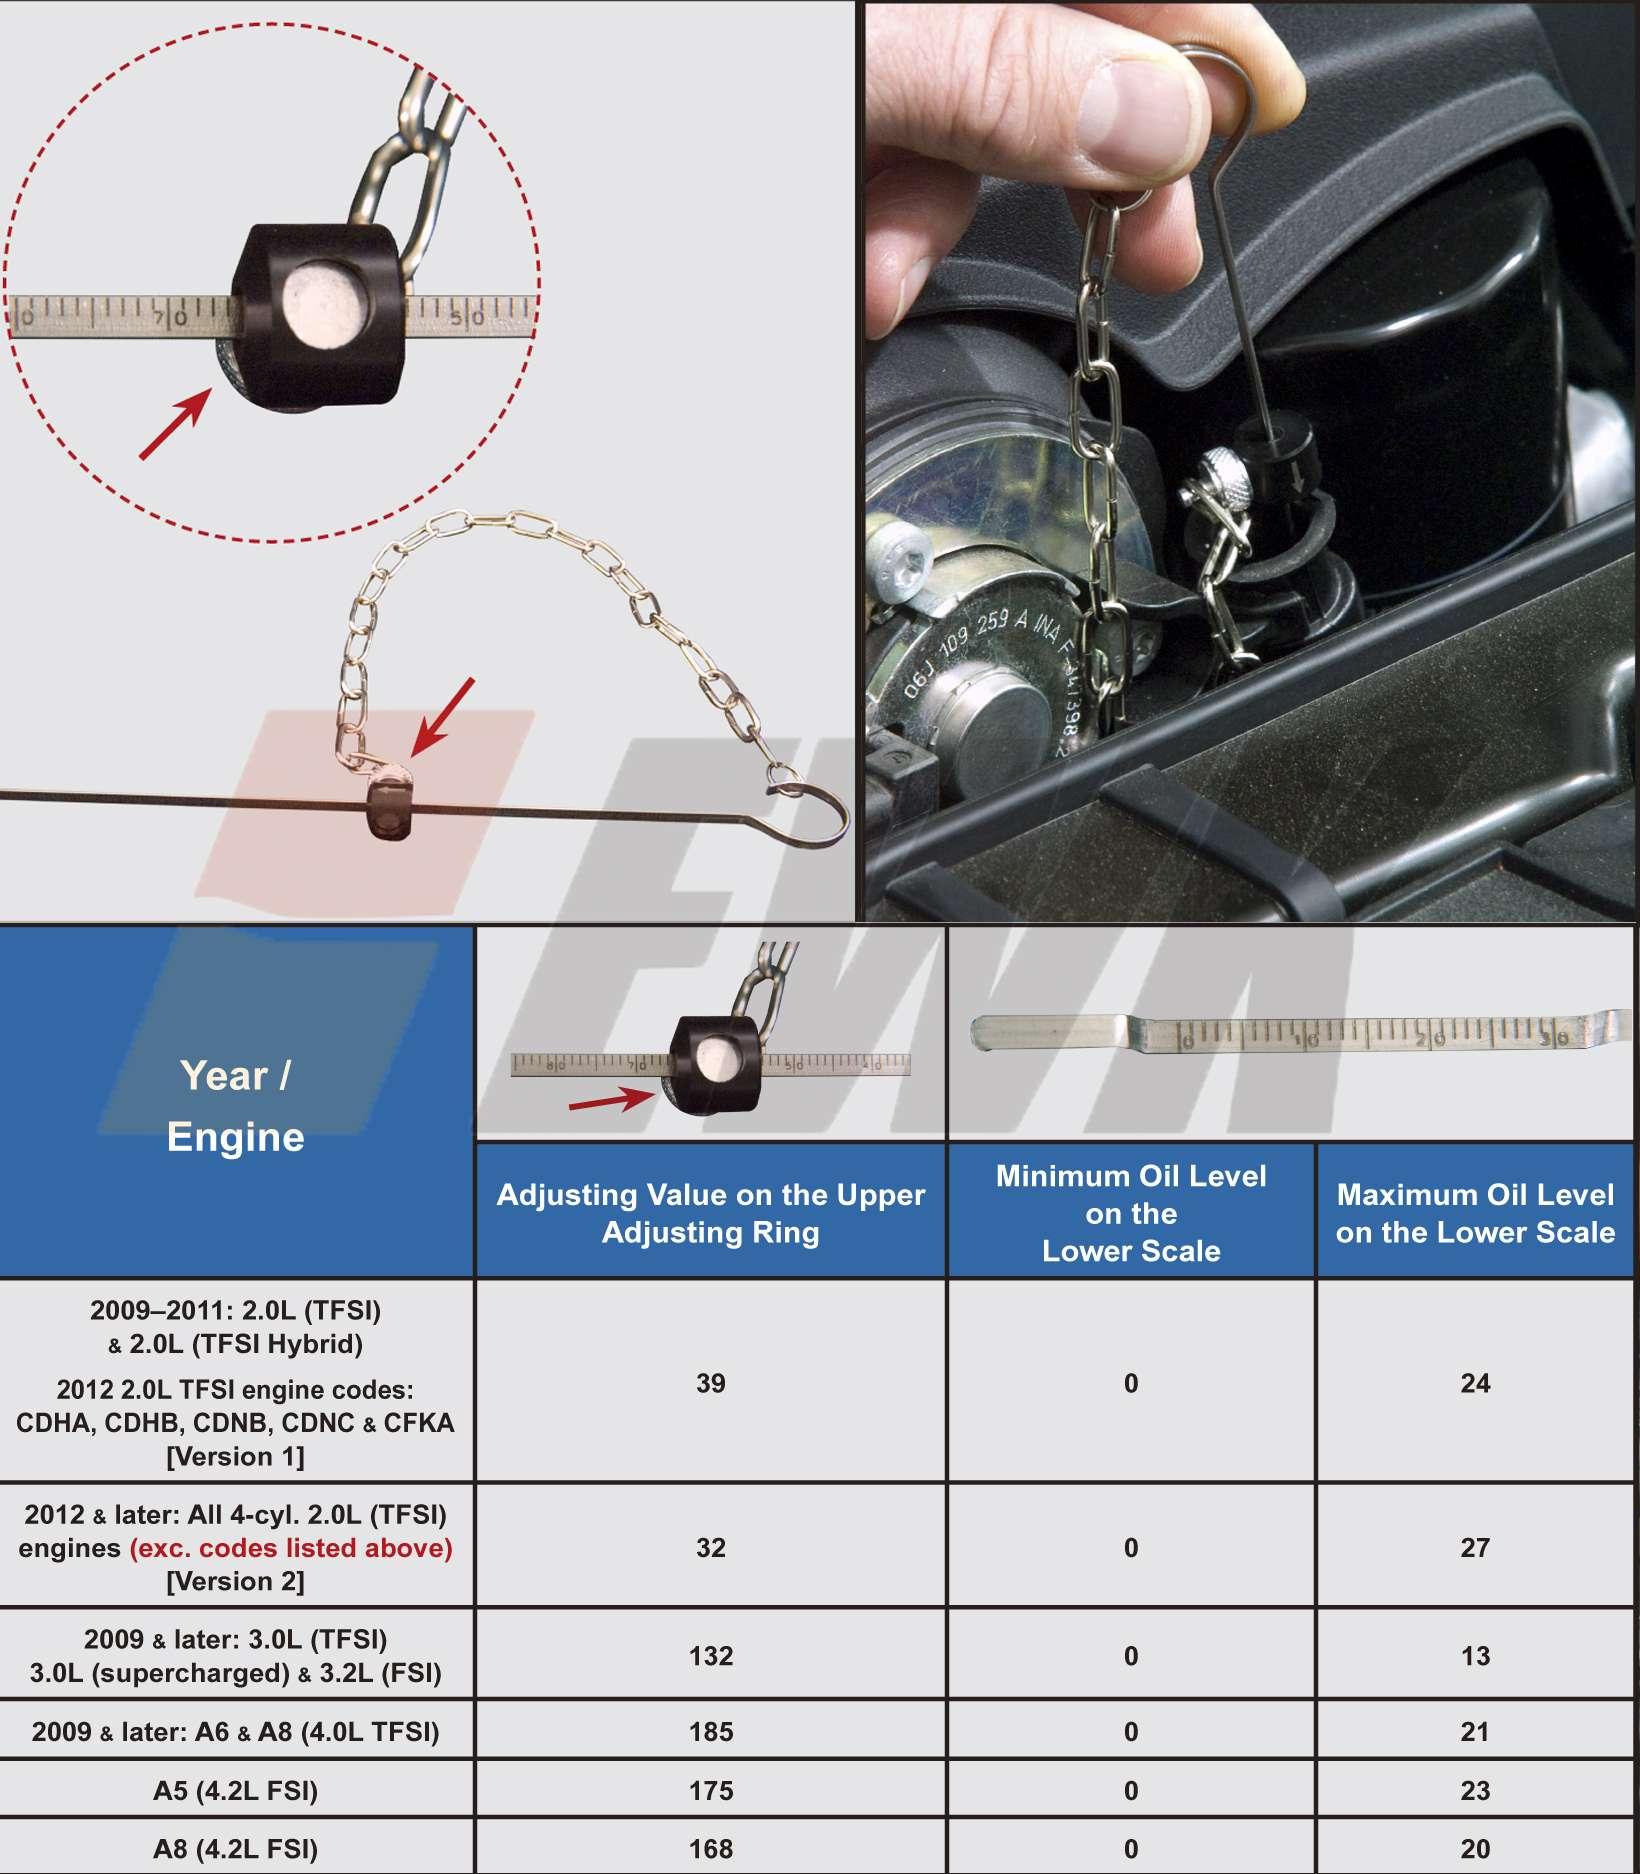 engine oil dipstick for 2009 up audi vw a4 a5 a6 2 0l 3 2l. Black Bedroom Furniture Sets. Home Design Ideas